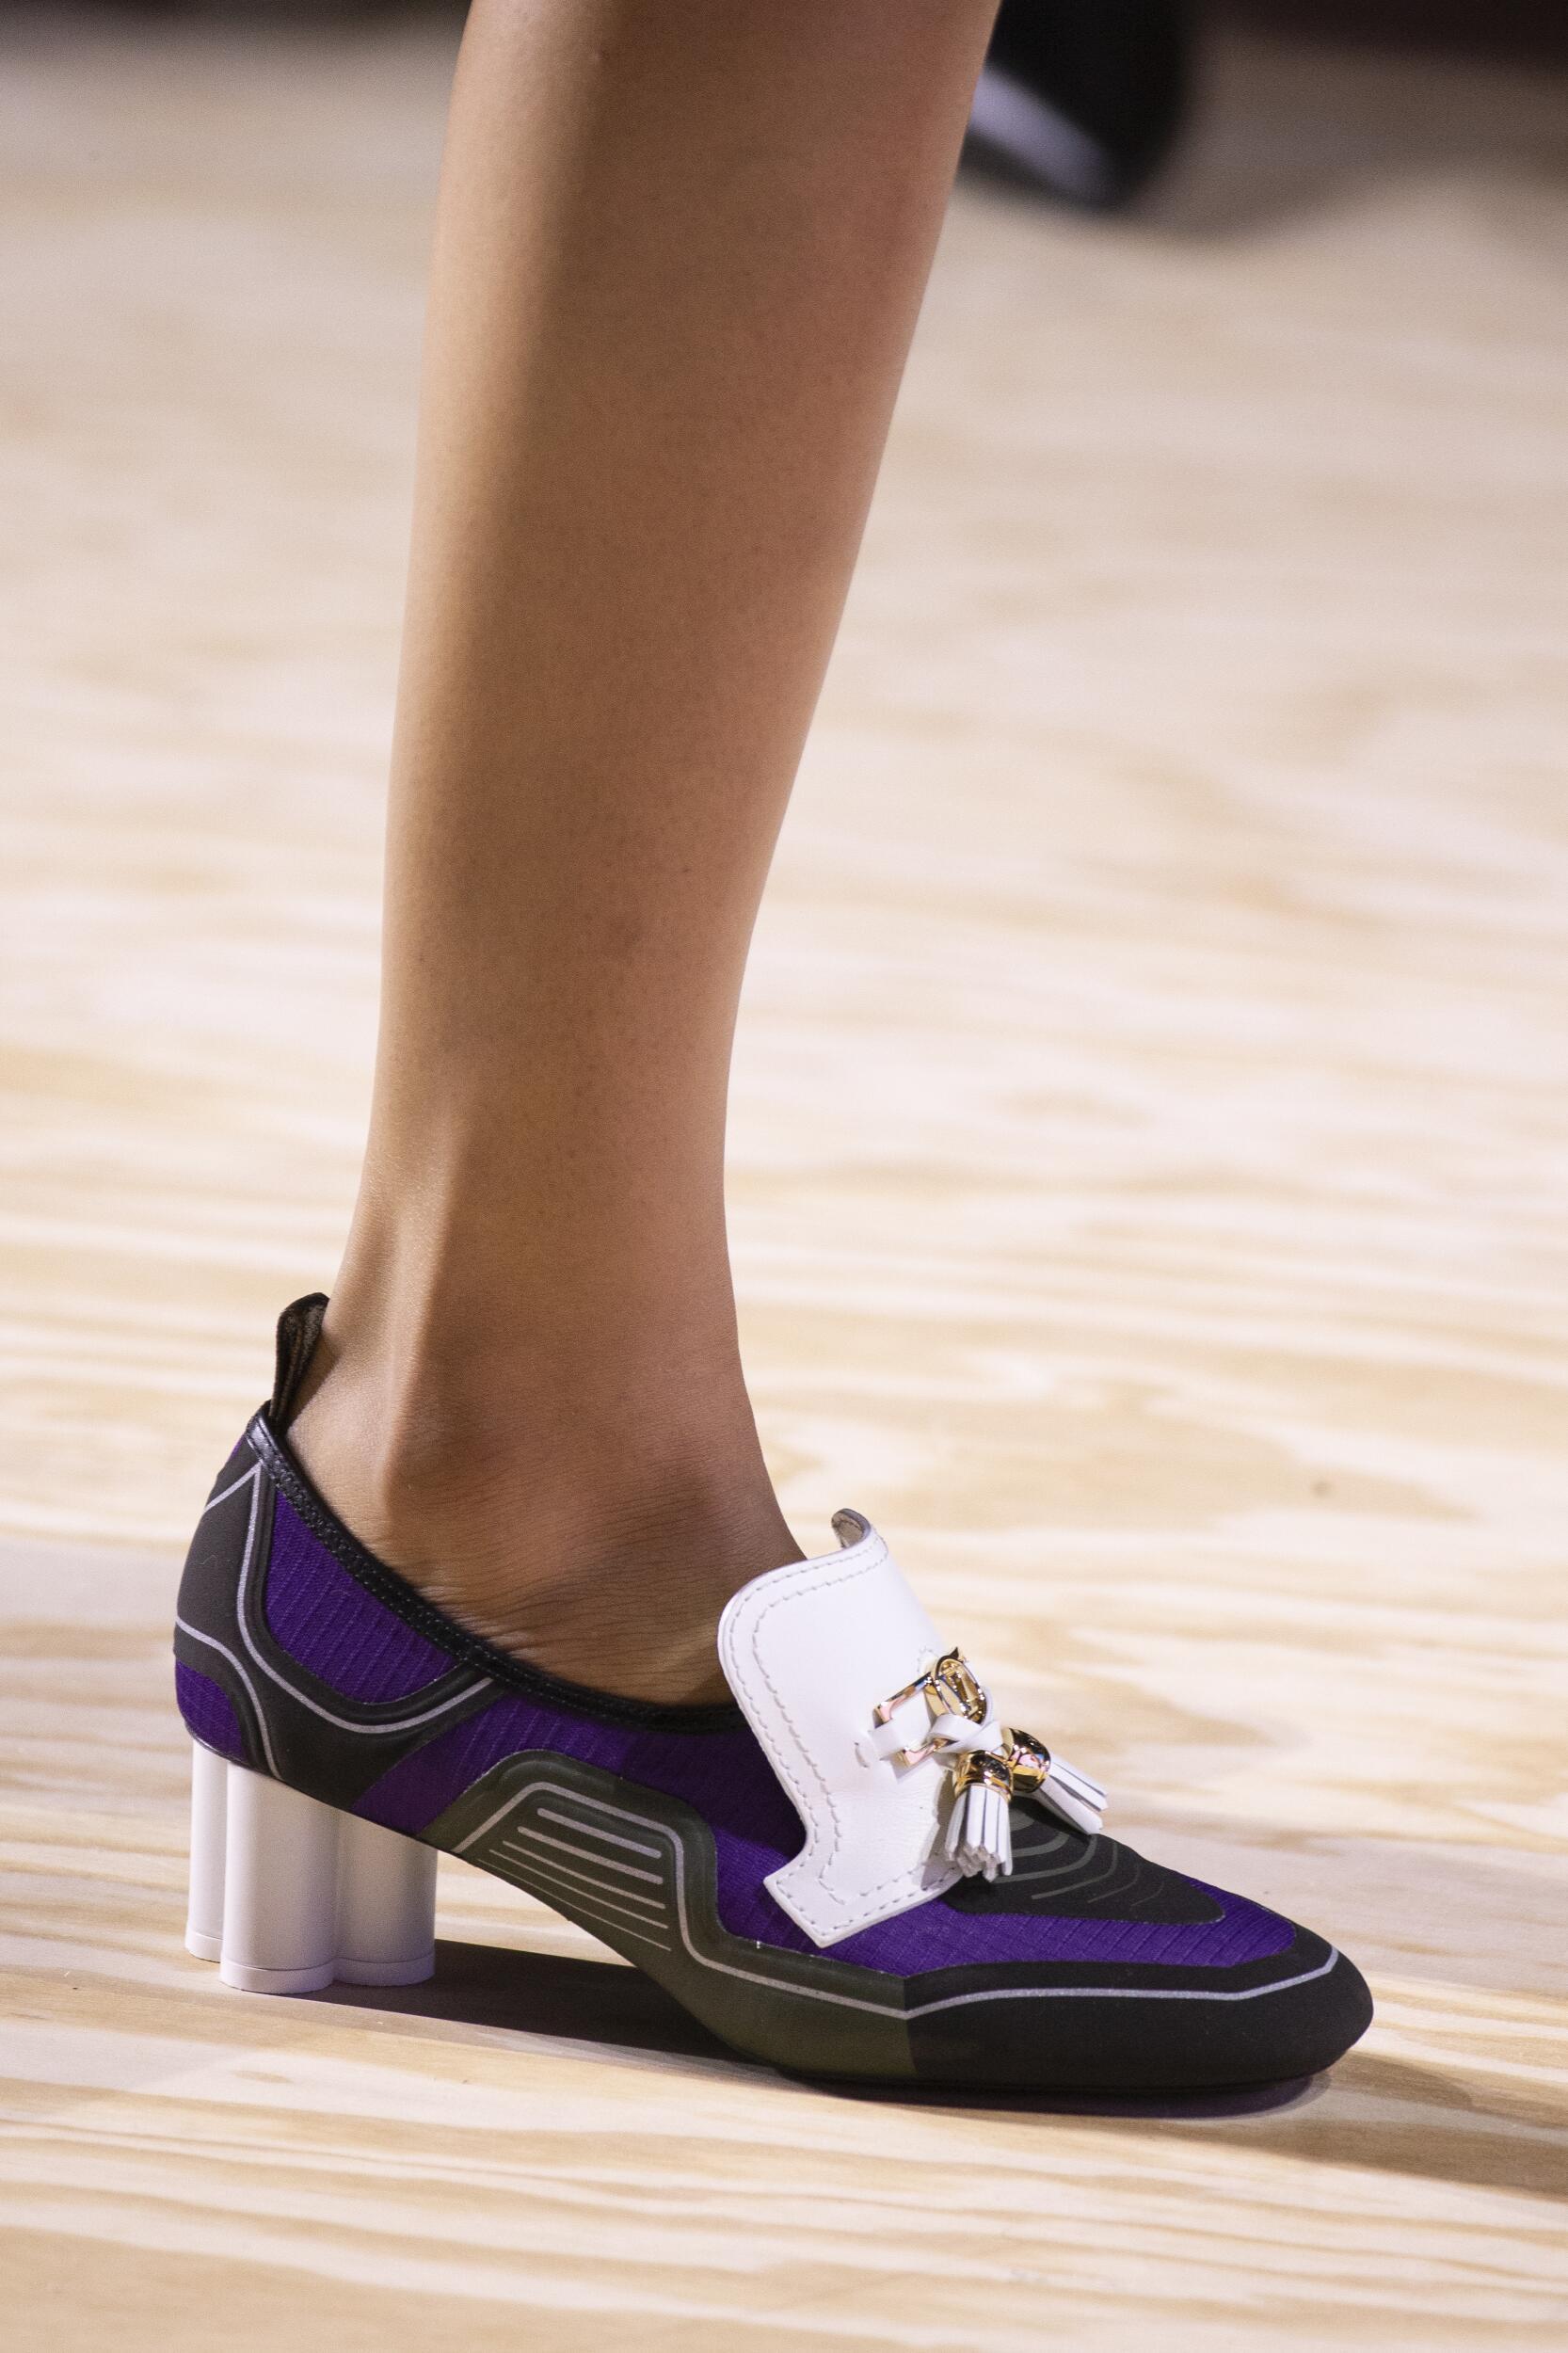 2020 Louis Vuitton Trends Shoes